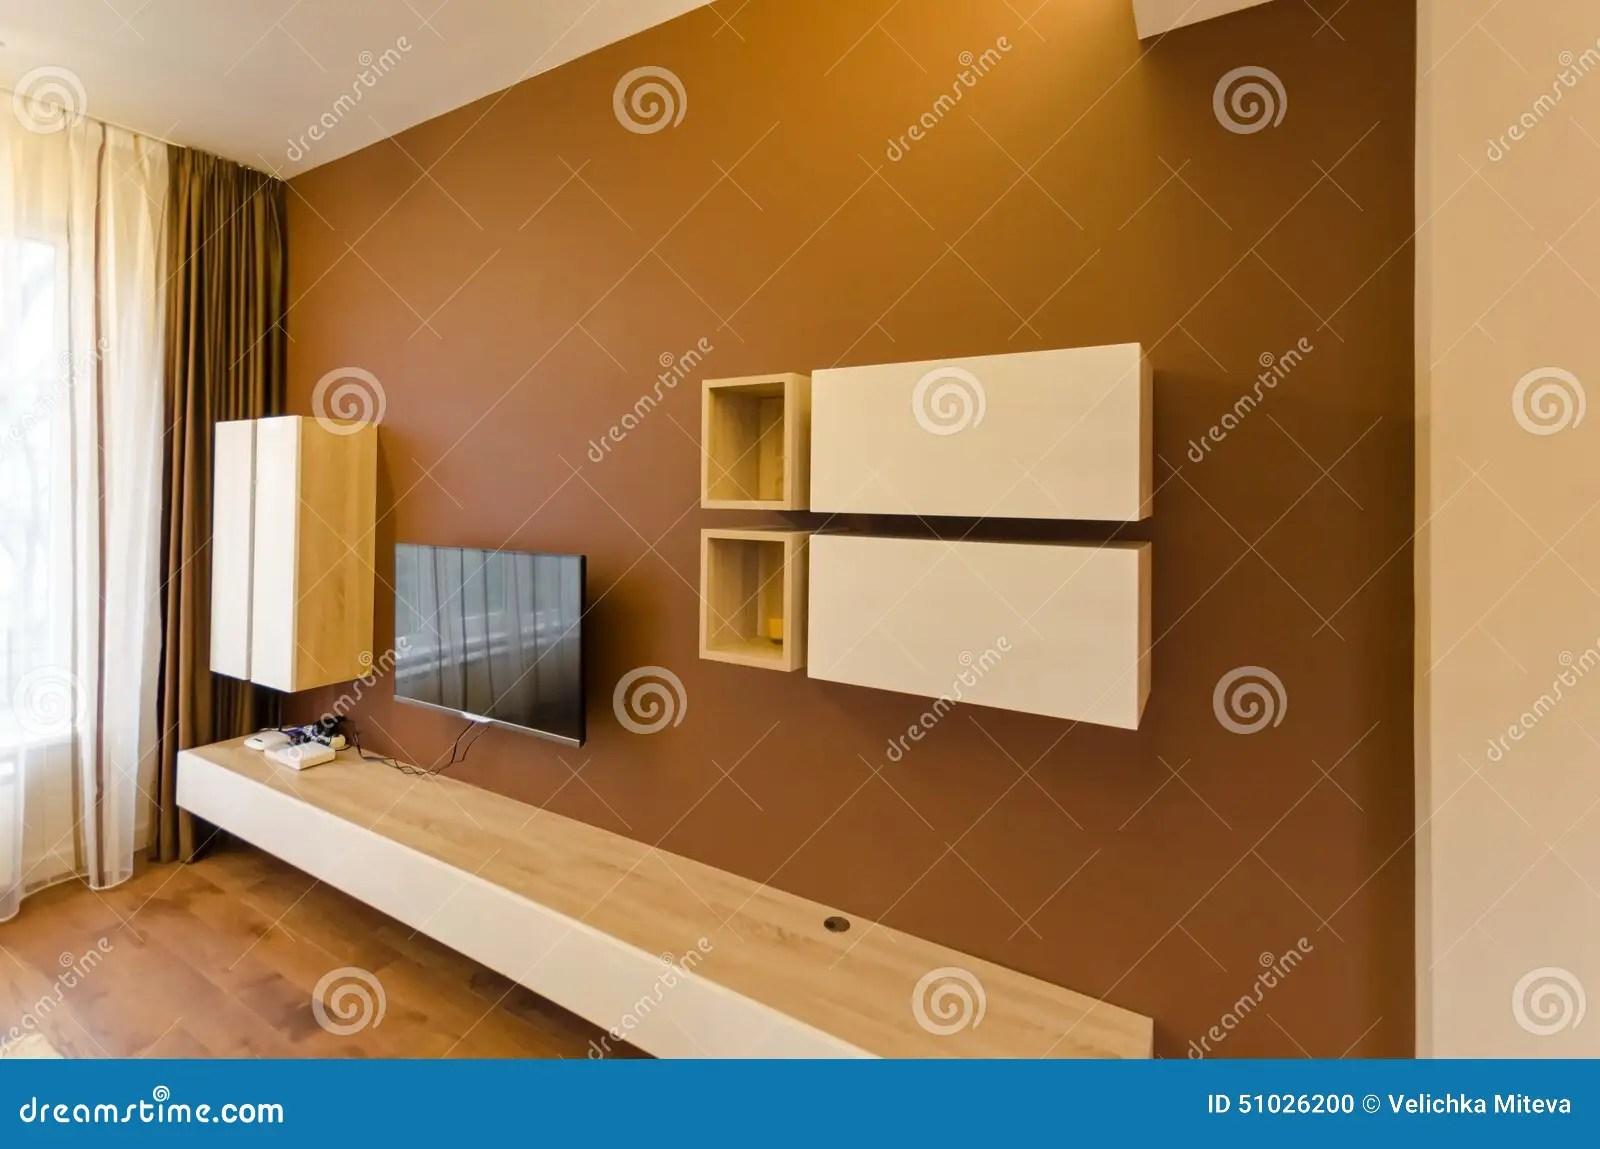 Muur In Woonkamer Met Kast En TV Stock Foto  Afbeelding